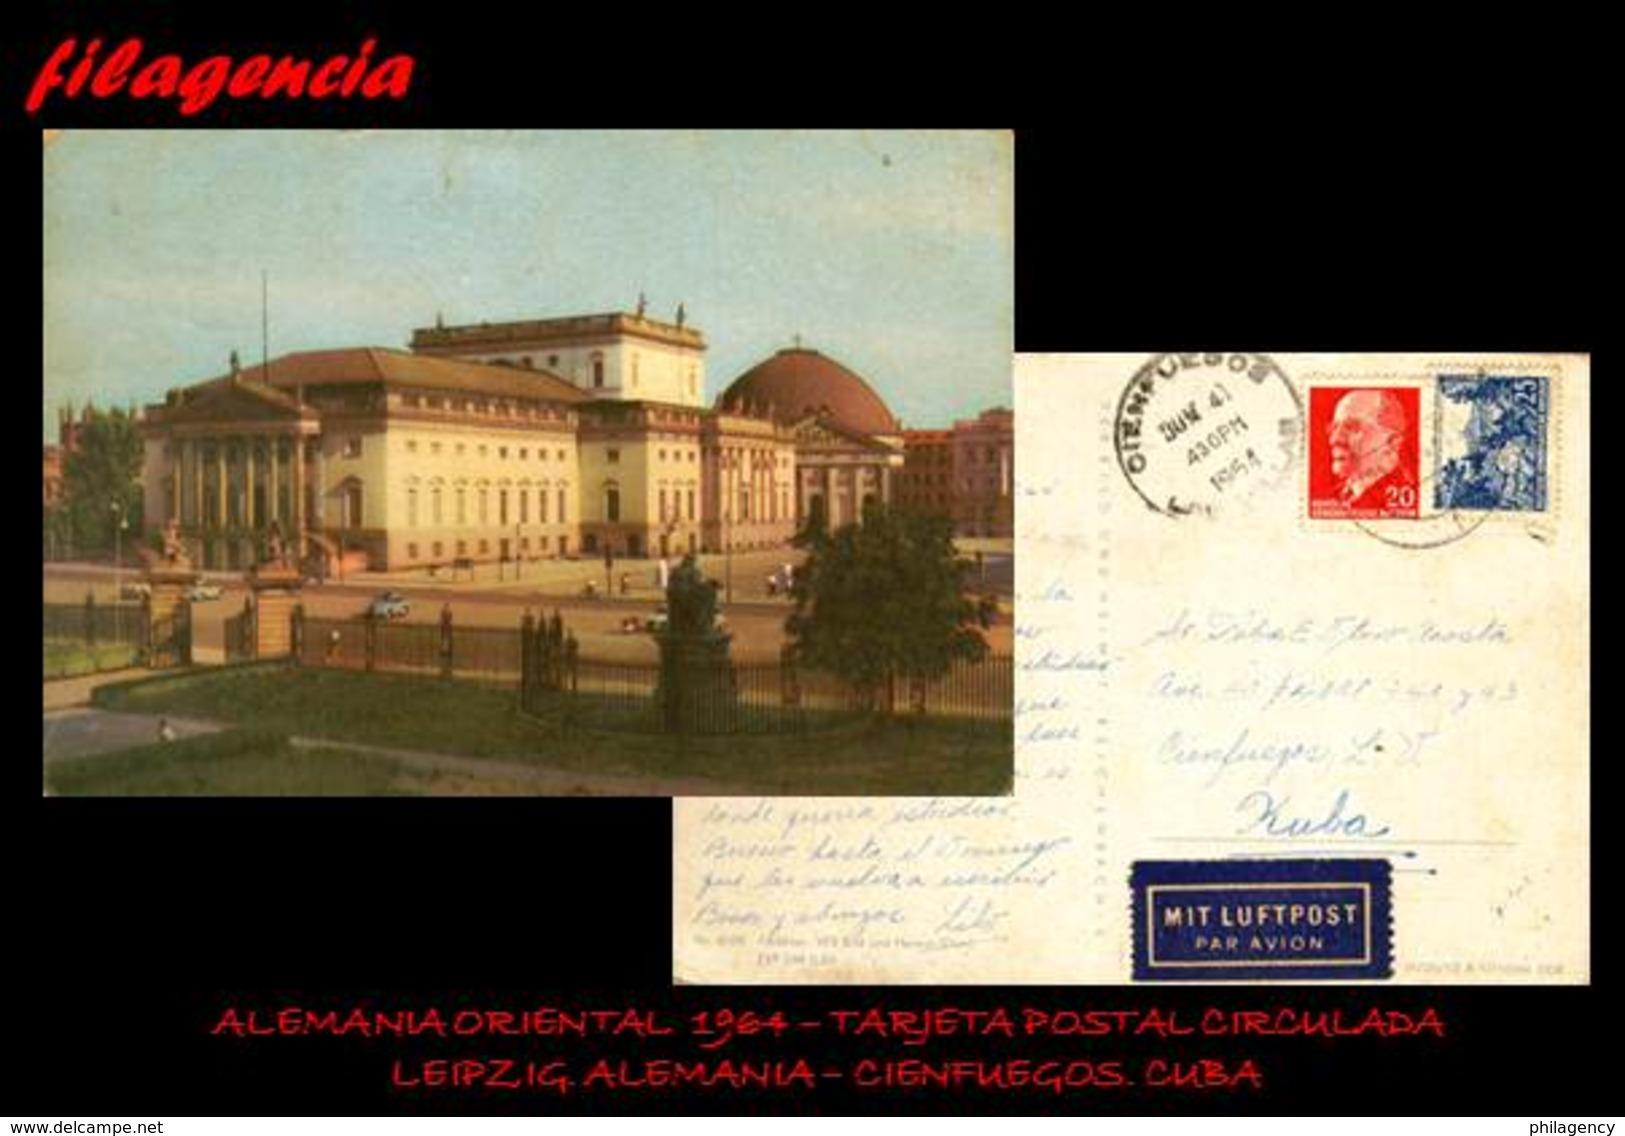 EUROPA. ALEMANIA ORIENTAL. ENTEROS POSTALES. TARJETA POSTAL CIRCULADA 1964. LEIPZIG. ALEMANIA ORIENTAL-CIENFUEGOS. CUBA - Postales - Usados